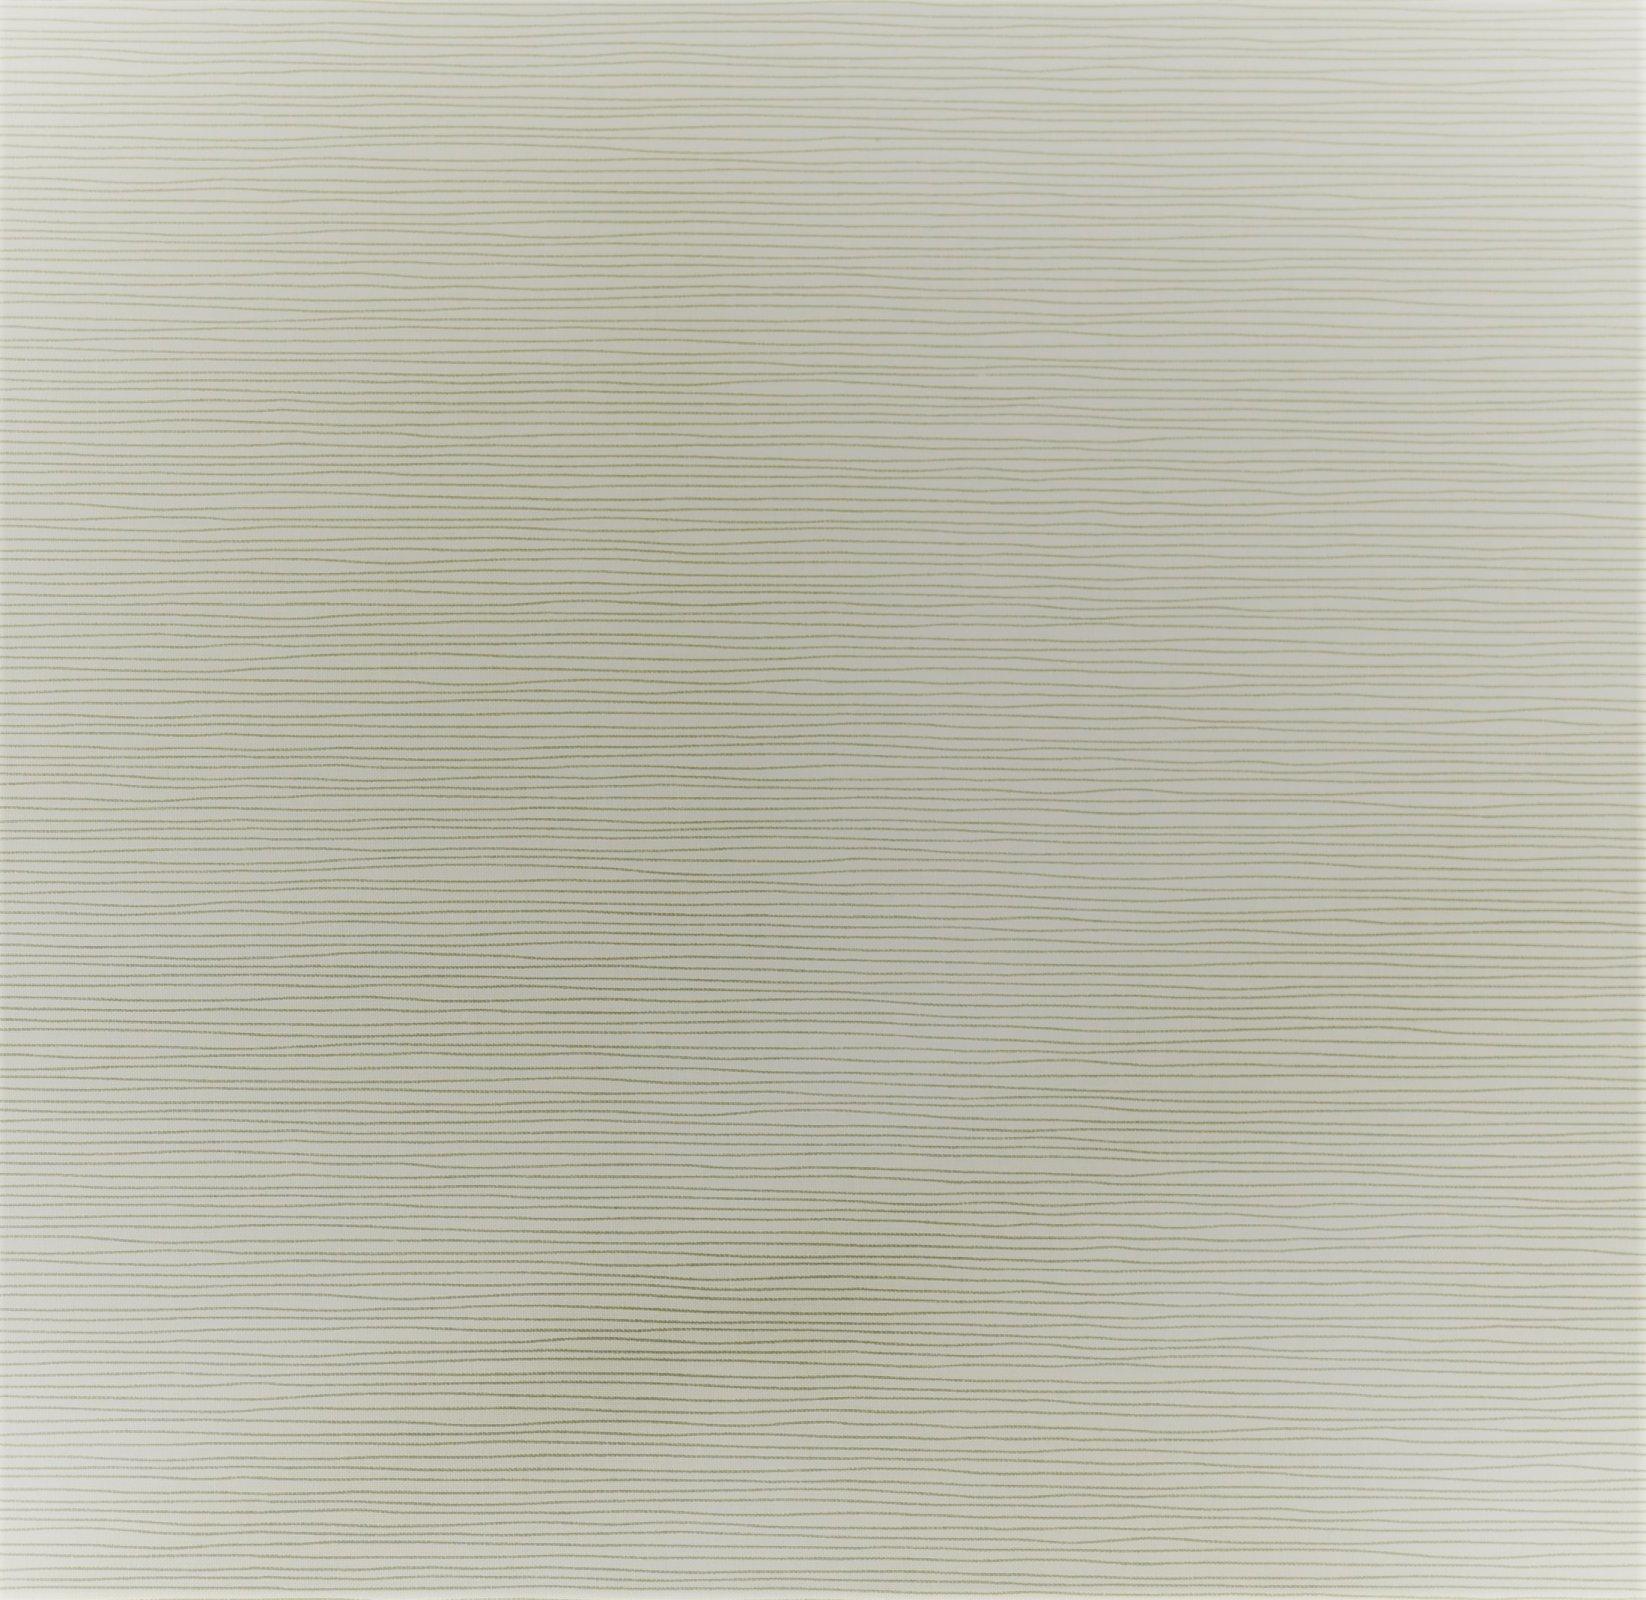 Kei Textiles - Geo Style - Linear - White/Cream